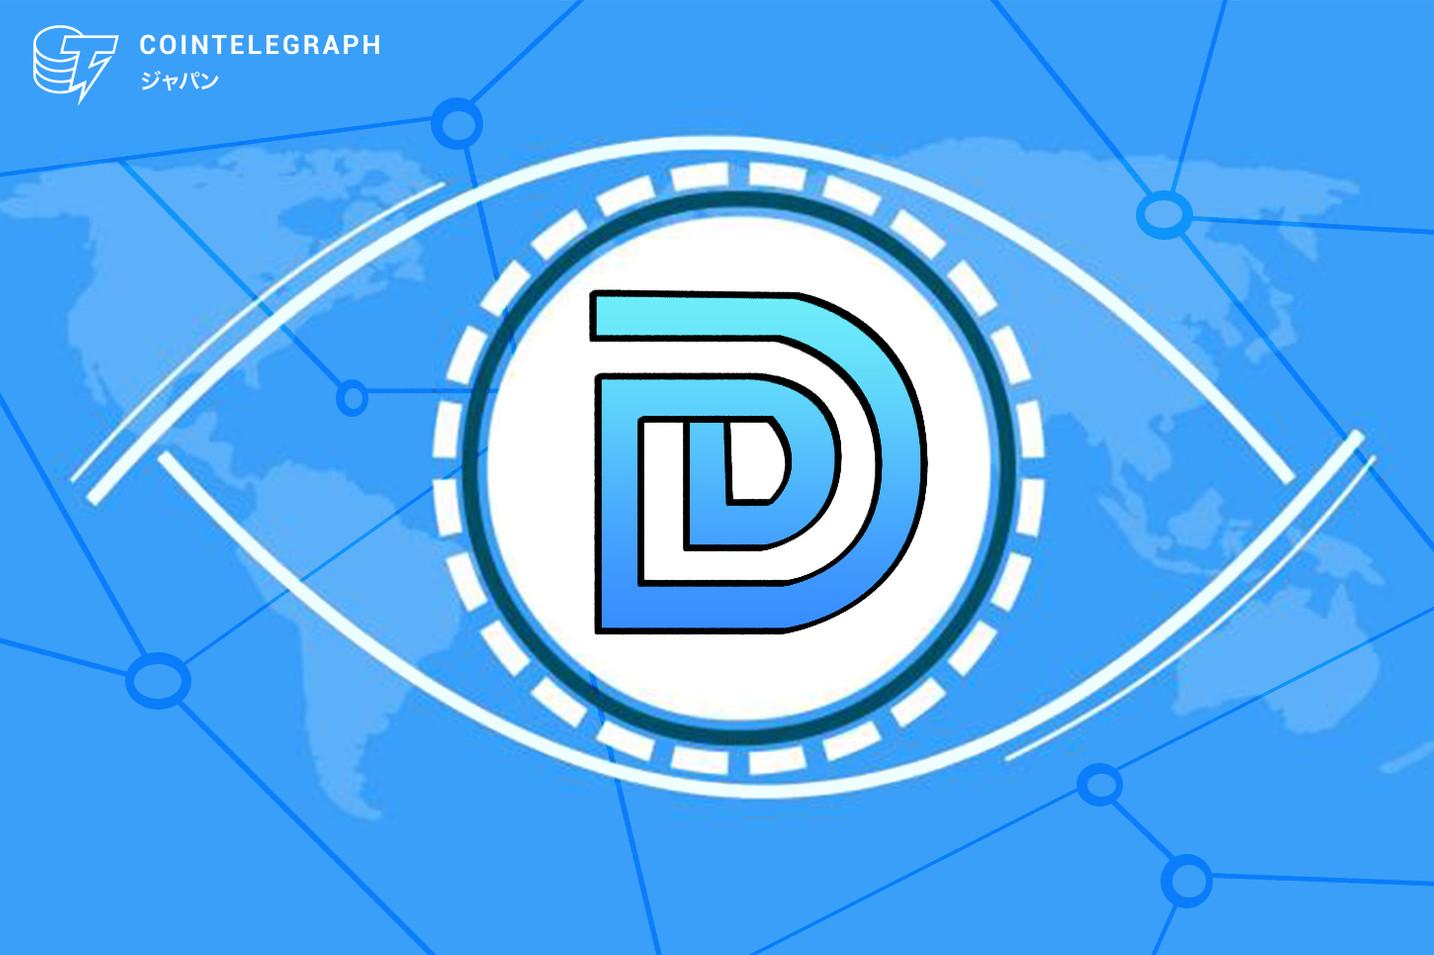 世界で5億ユーザーを擁するDADアドチェーンが、なぜデジタル広告業界を再構築し得るのか